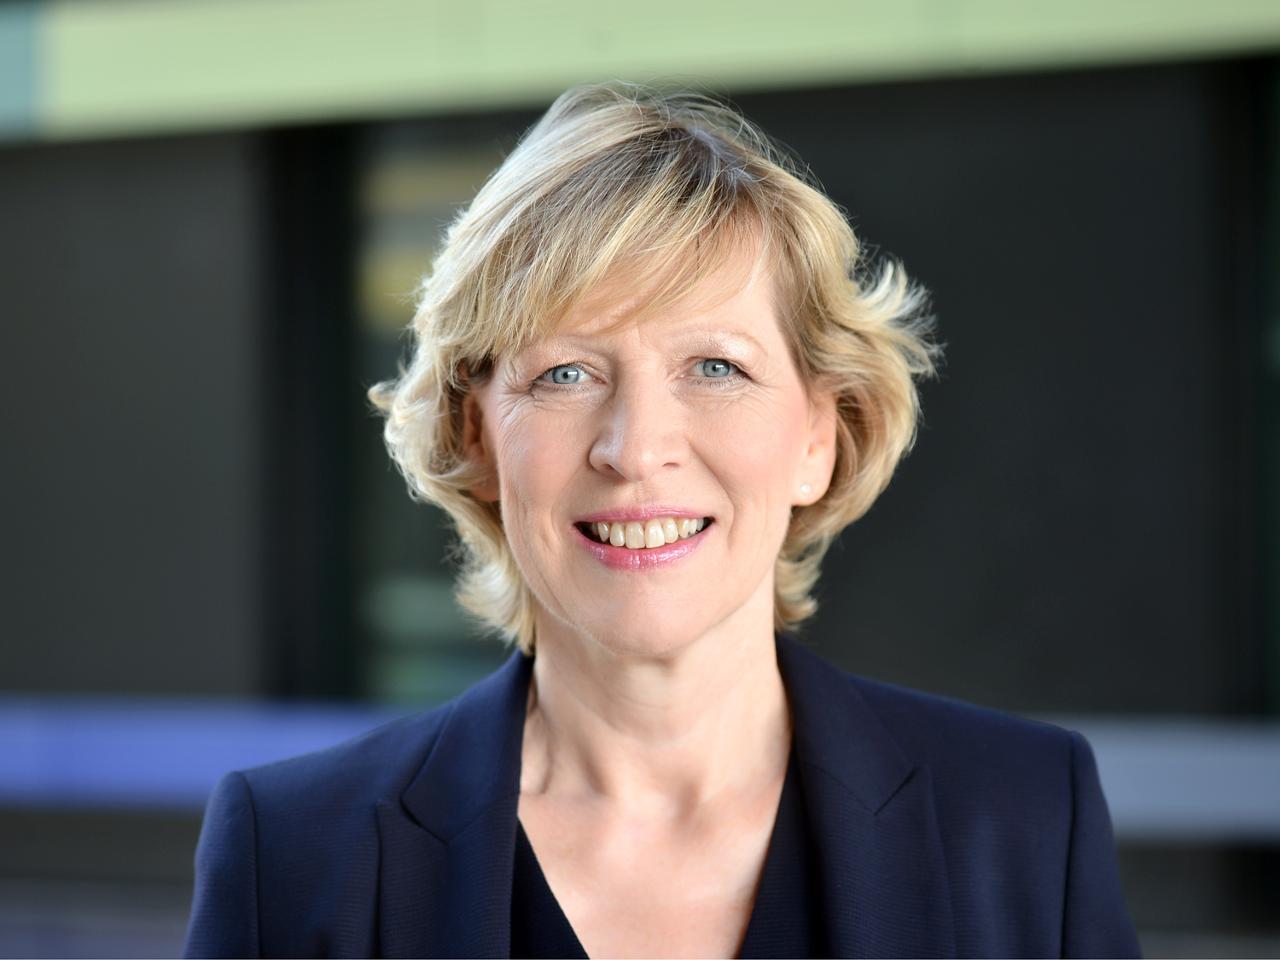 Dr. Dorothee Stapelfeldt Senatorin für Stadtentwicklung und Wohnen Foto: Bina Engel